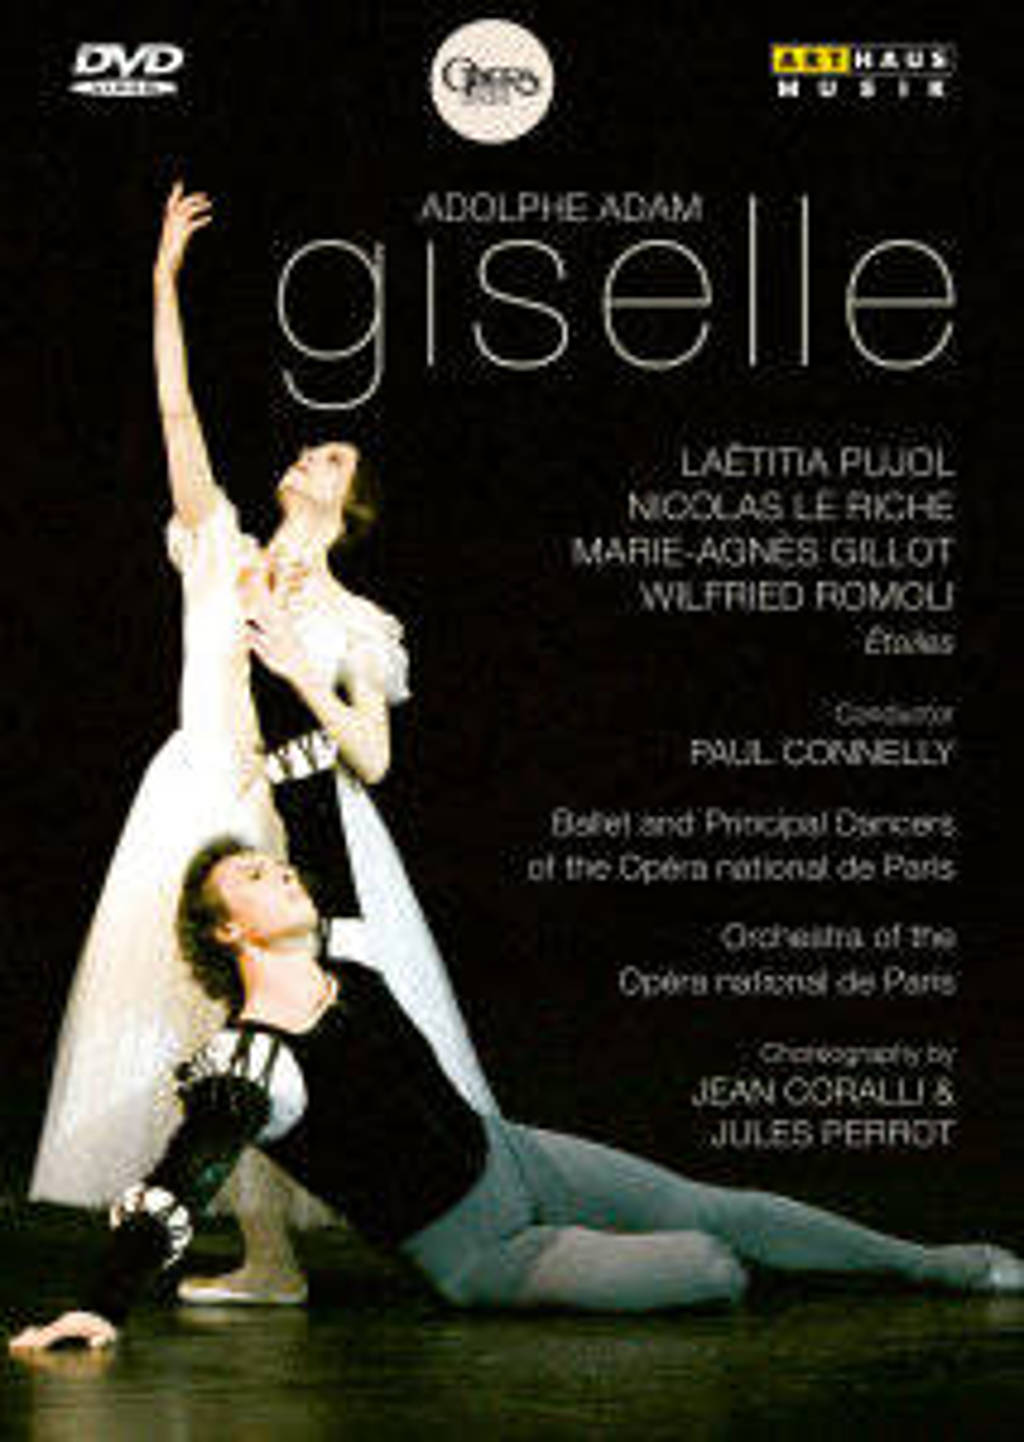 Pujol,Le Riche,Gillot - Giselle Parijs 2006 (DVD)